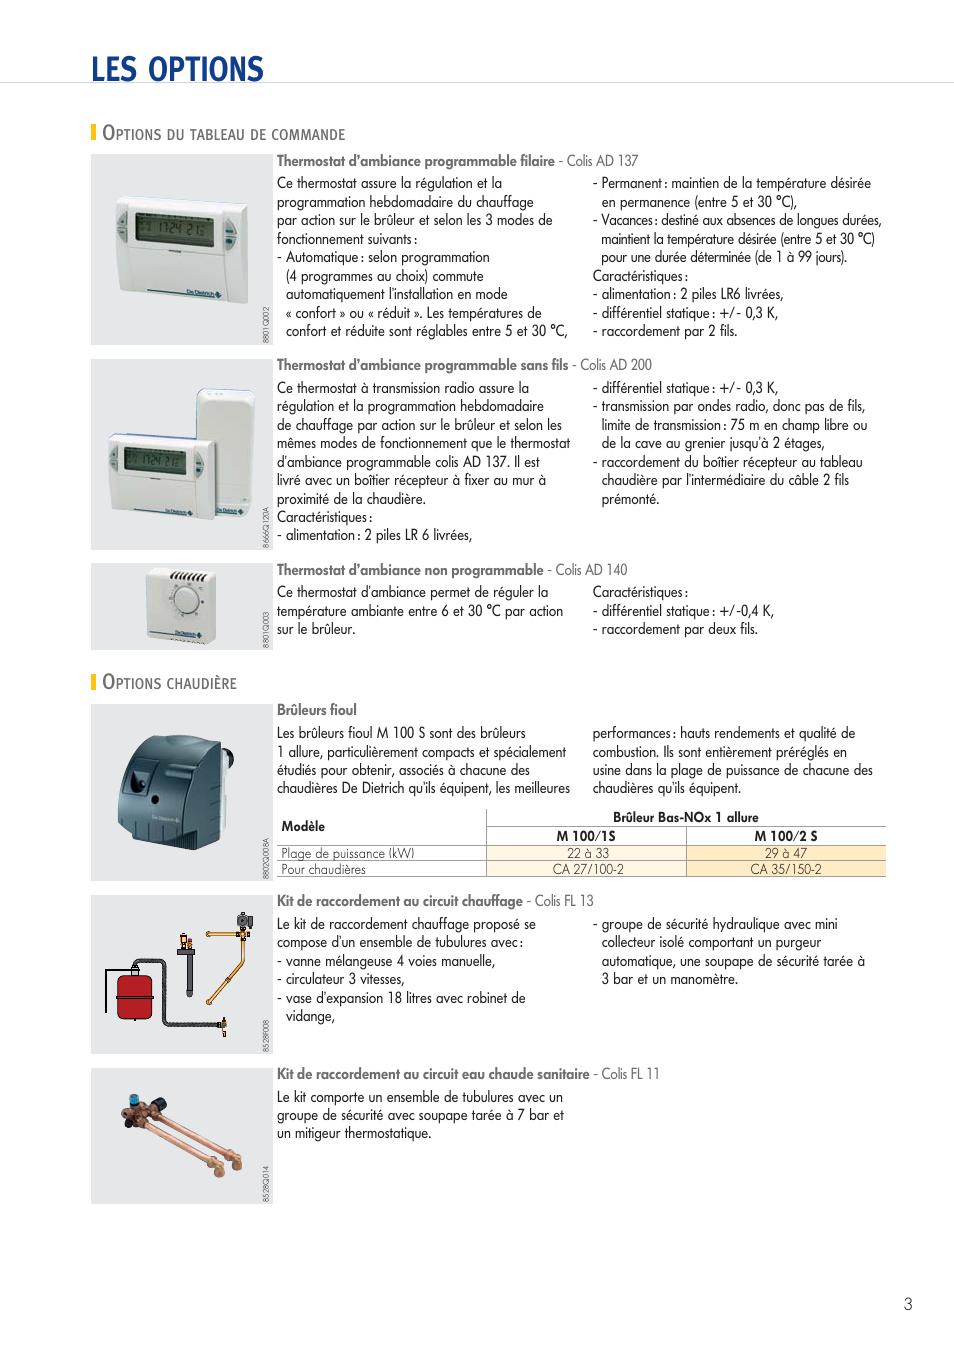 les options options du tableau de commande options chaudi re de dietrich premys ca 2 cam. Black Bedroom Furniture Sets. Home Design Ideas